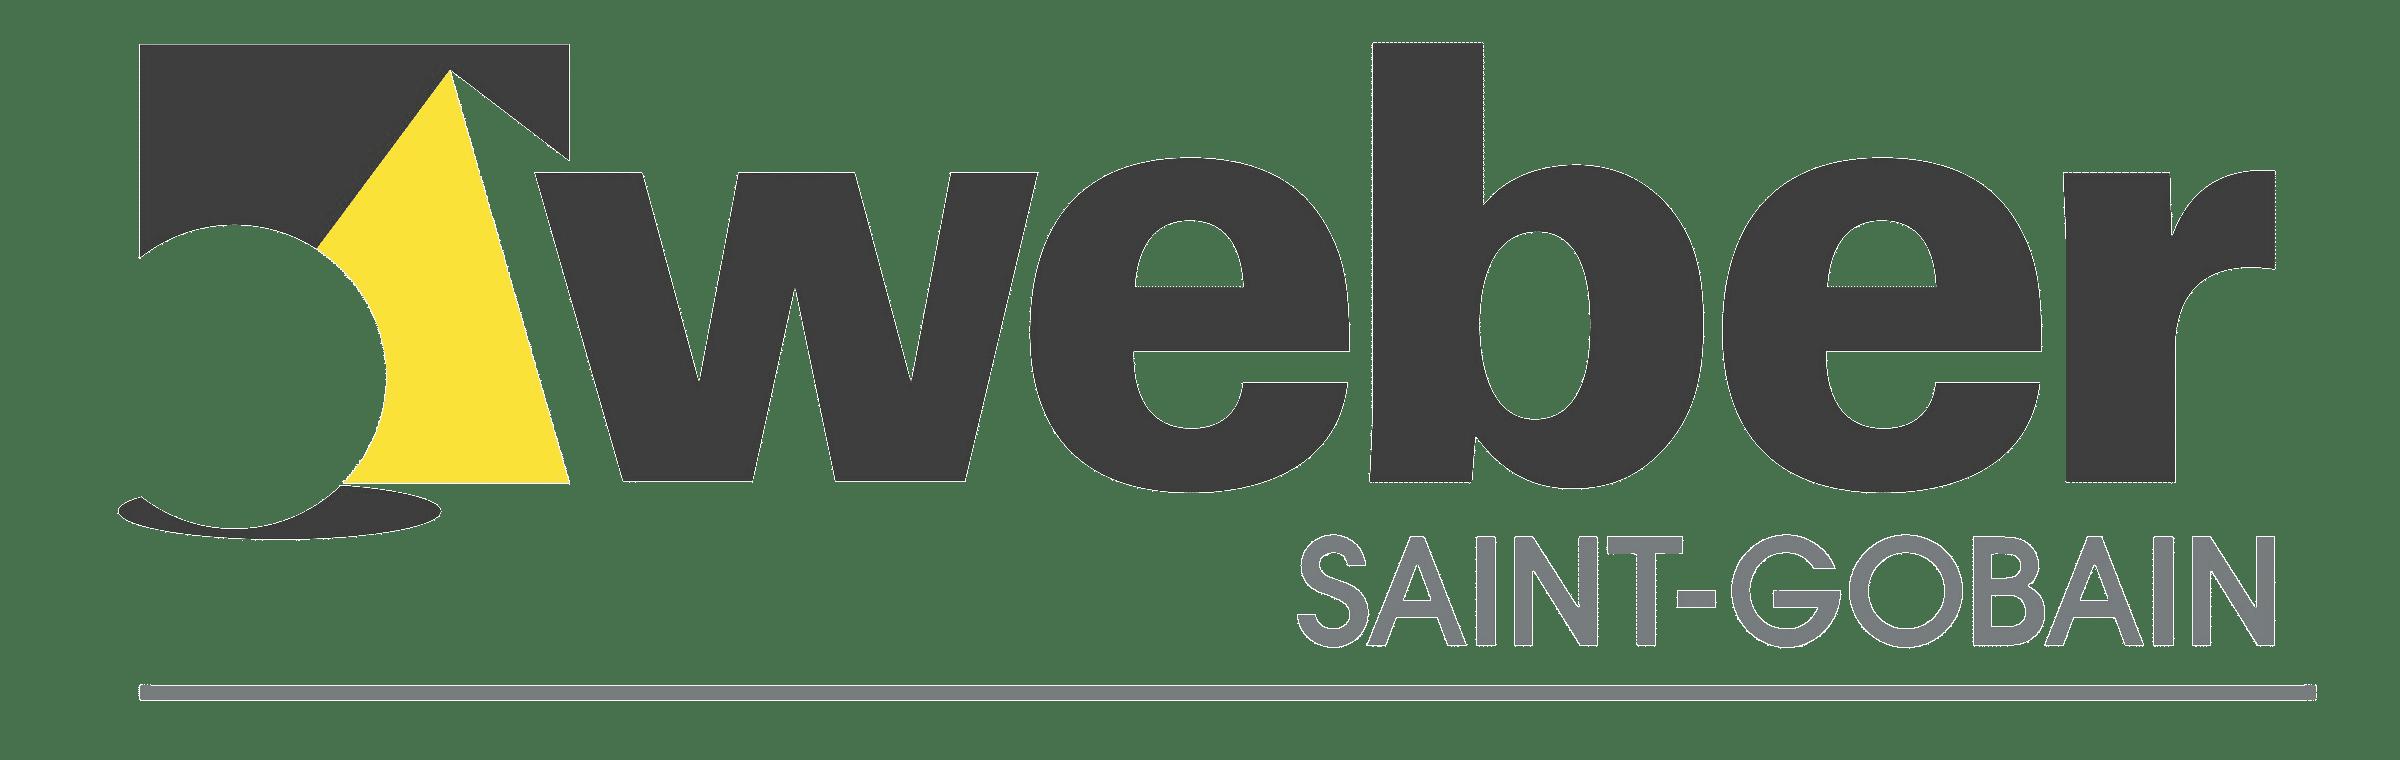 saint-gobain-weber-logo